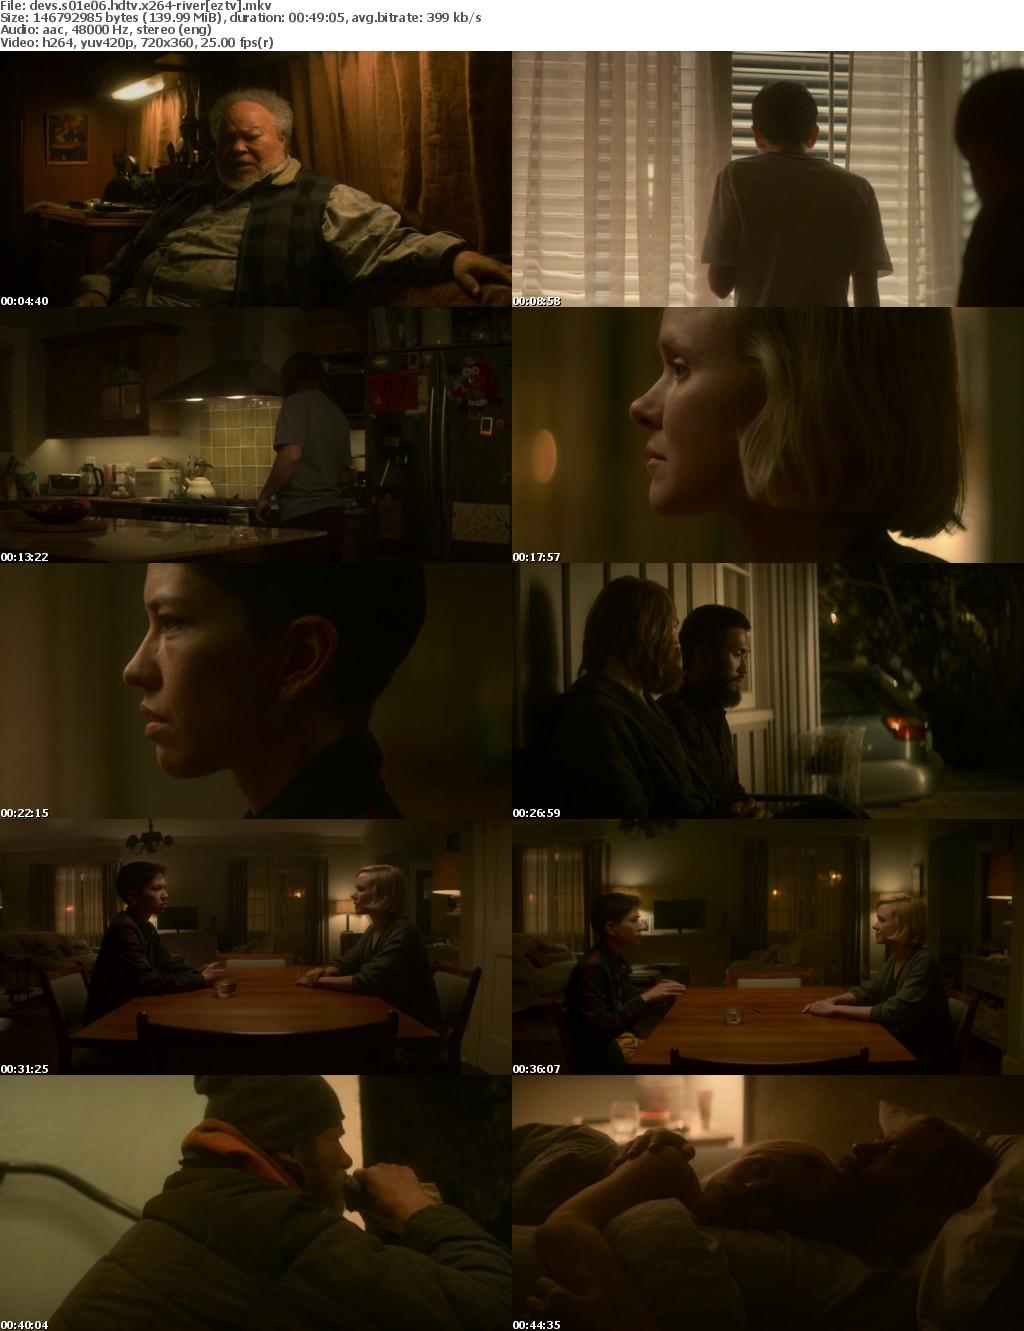 Devs S01E06 HDTV x264-RiVER